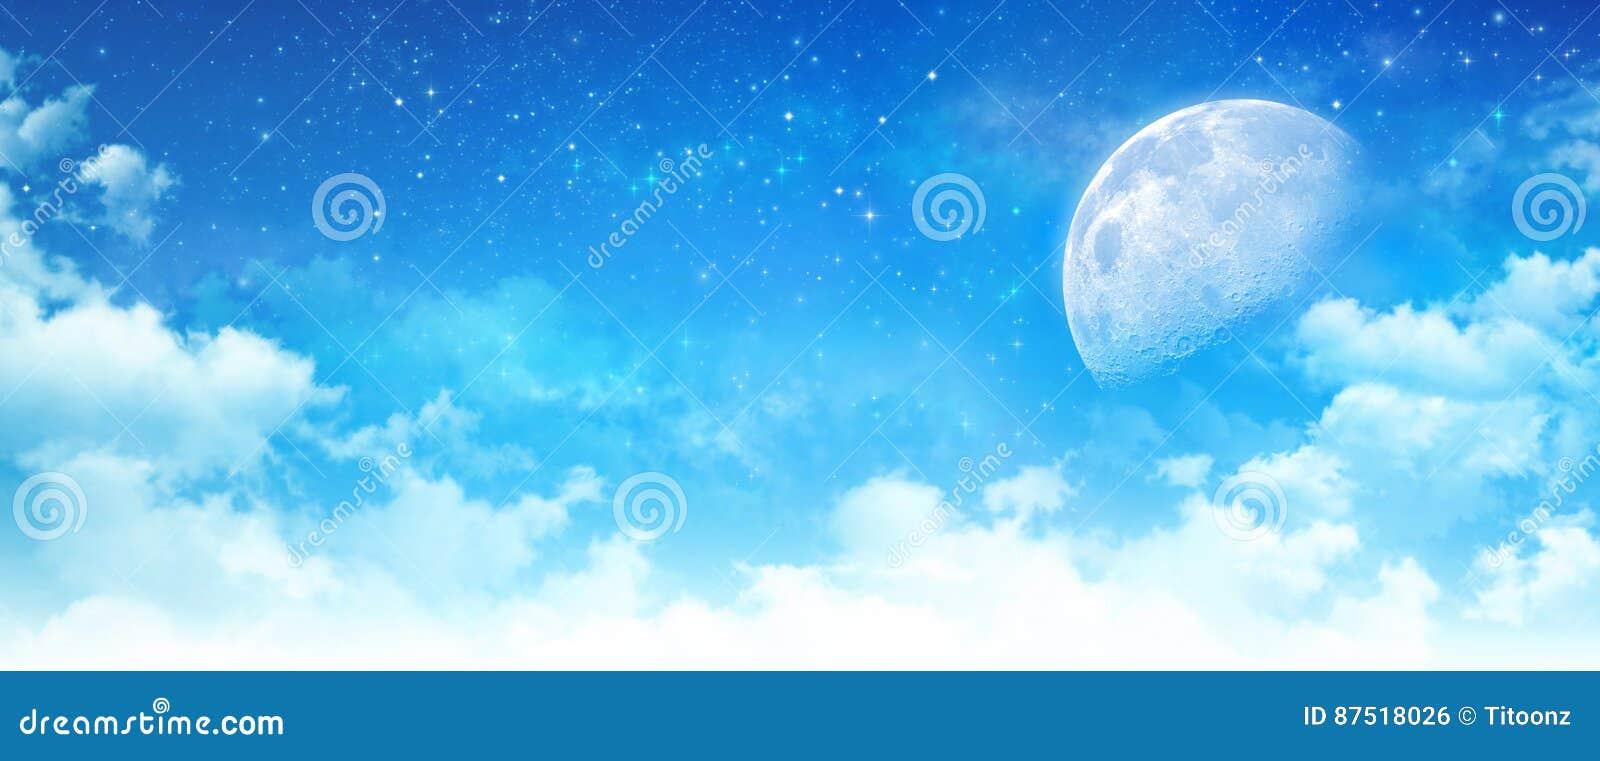 Luz de luna en un cielo azul nublado